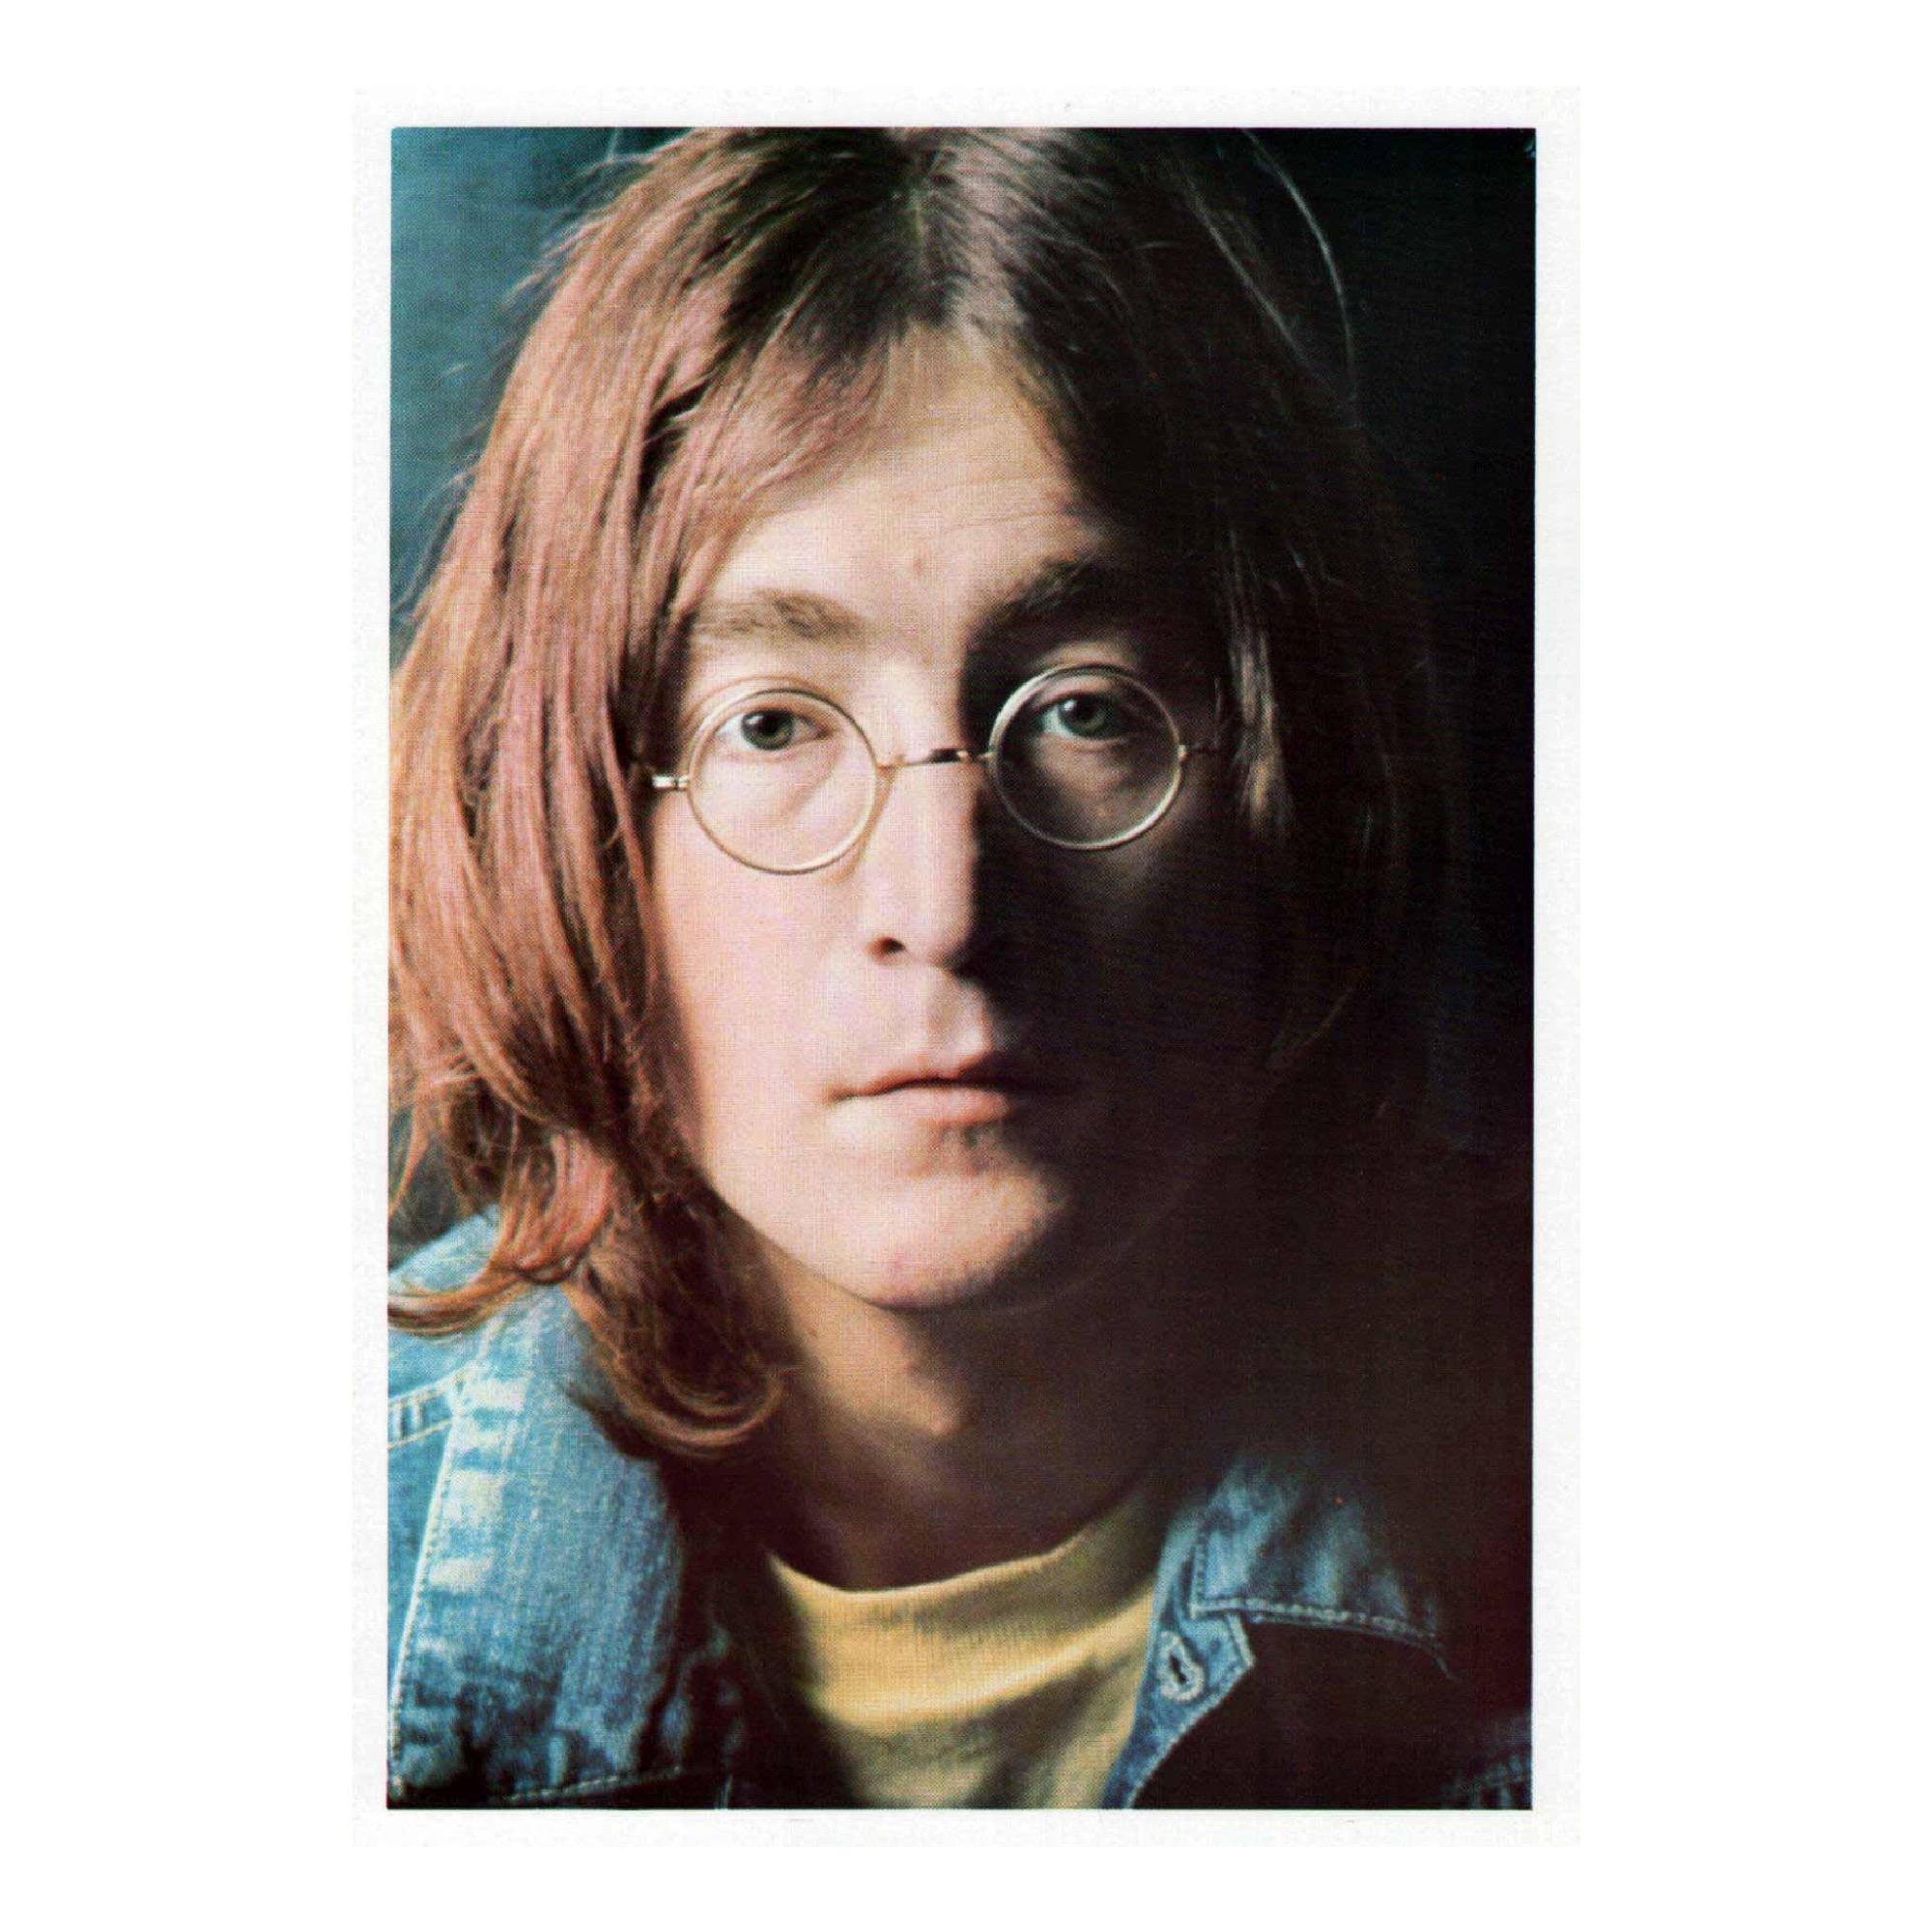 726. Describing John Lennon / Adjectives of Personality A-I (with Antony Rotunno)